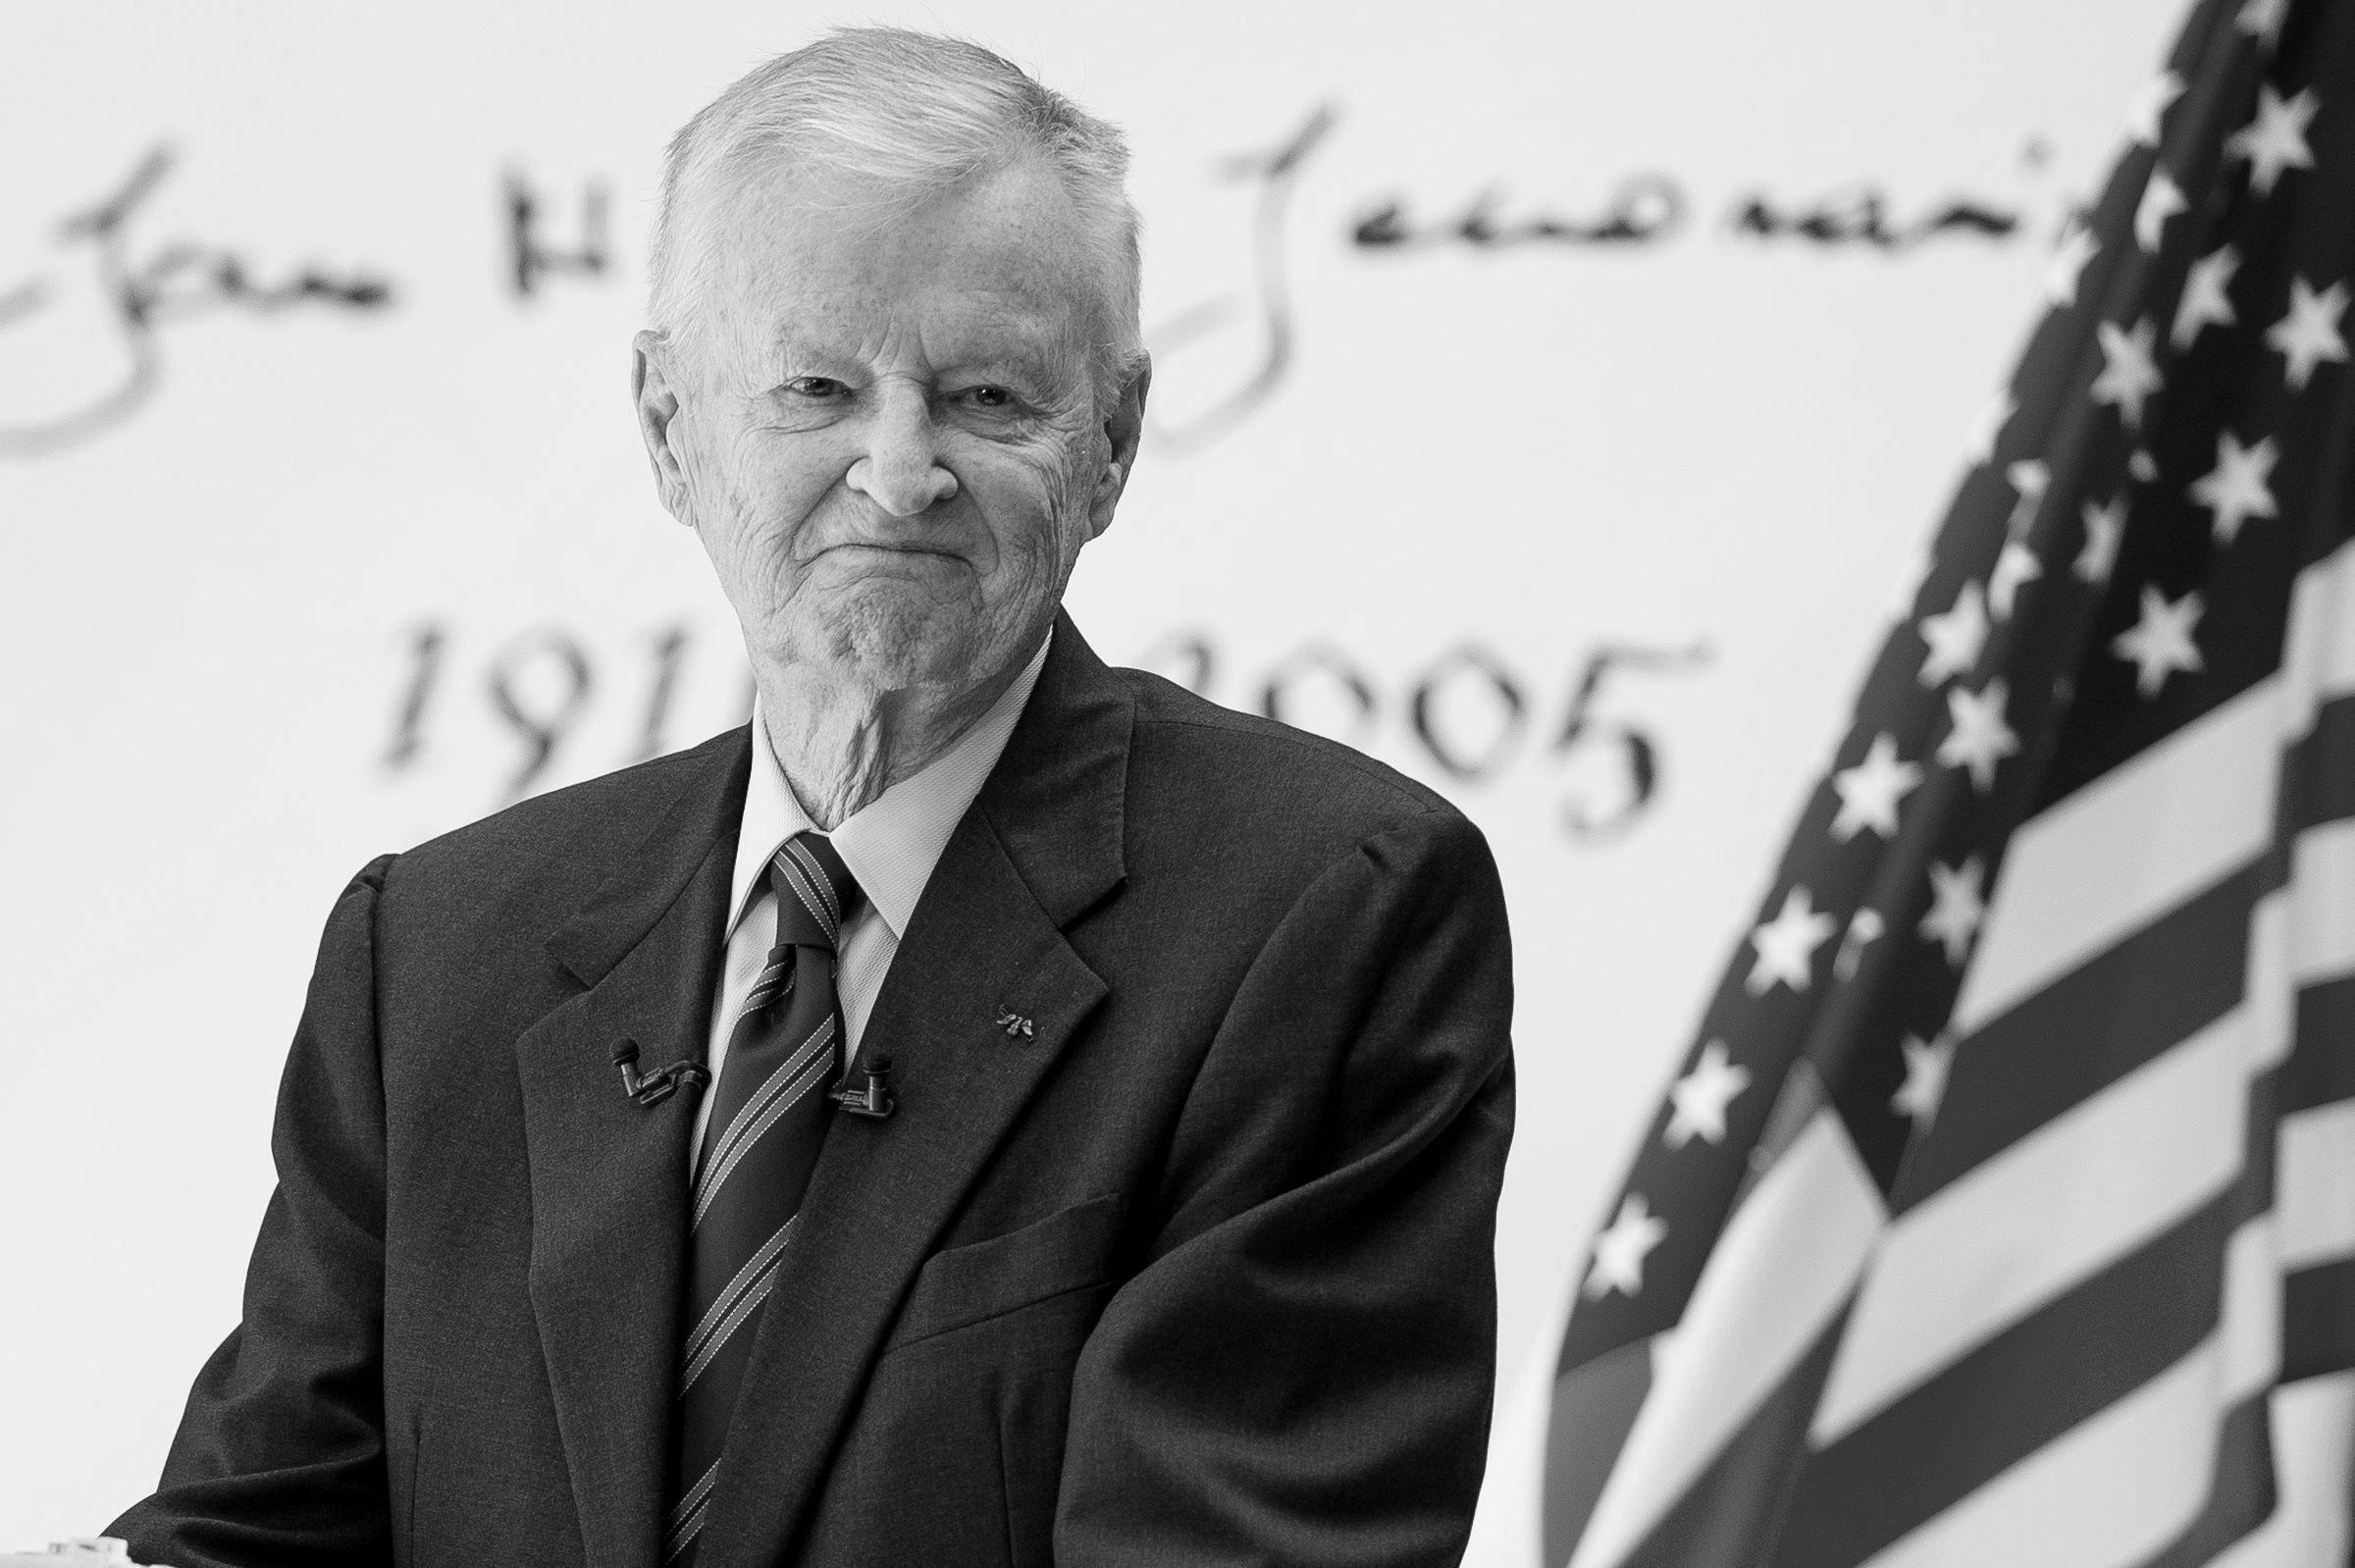 Zbigniew Brzeziński – polsko-amerykański politolog, strateg polityczny i dyplomata. Doradca prezydenta Cartera, Johnsona i Kennedy'ego. Zmarł 26 maja 2017 r.